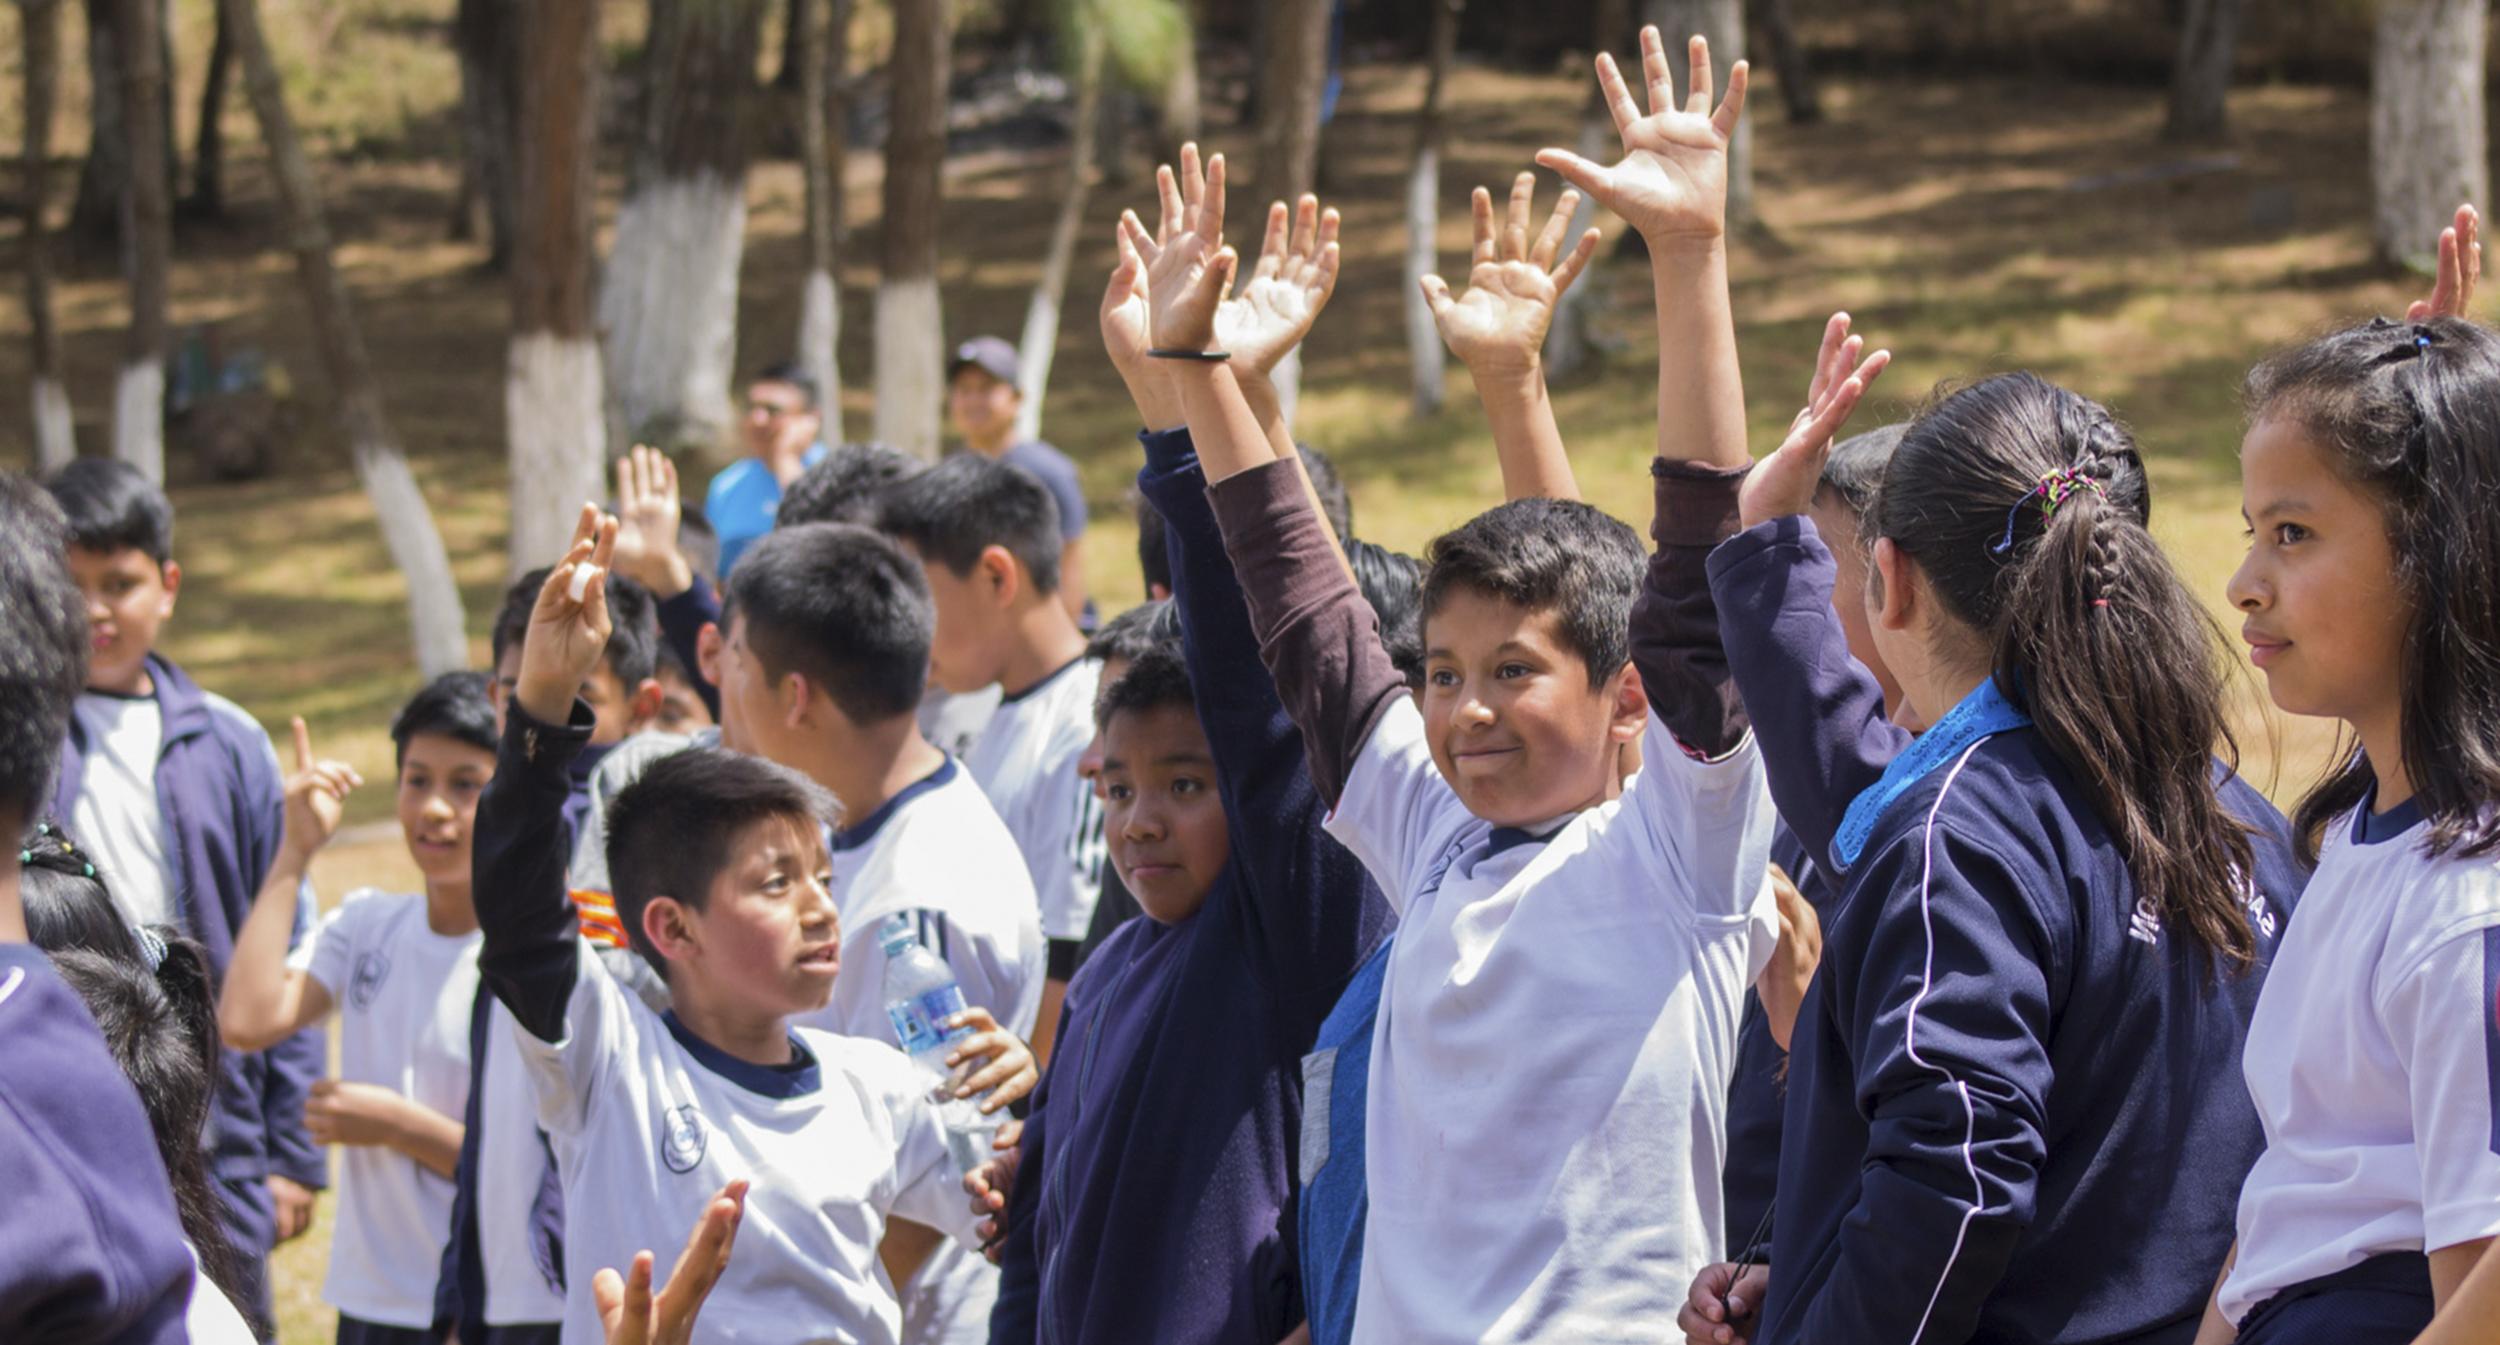 NUESTRA MISIÓN - Contribuir al desarrollo de Guatemala, mejorando la educación a través de la tecnología.